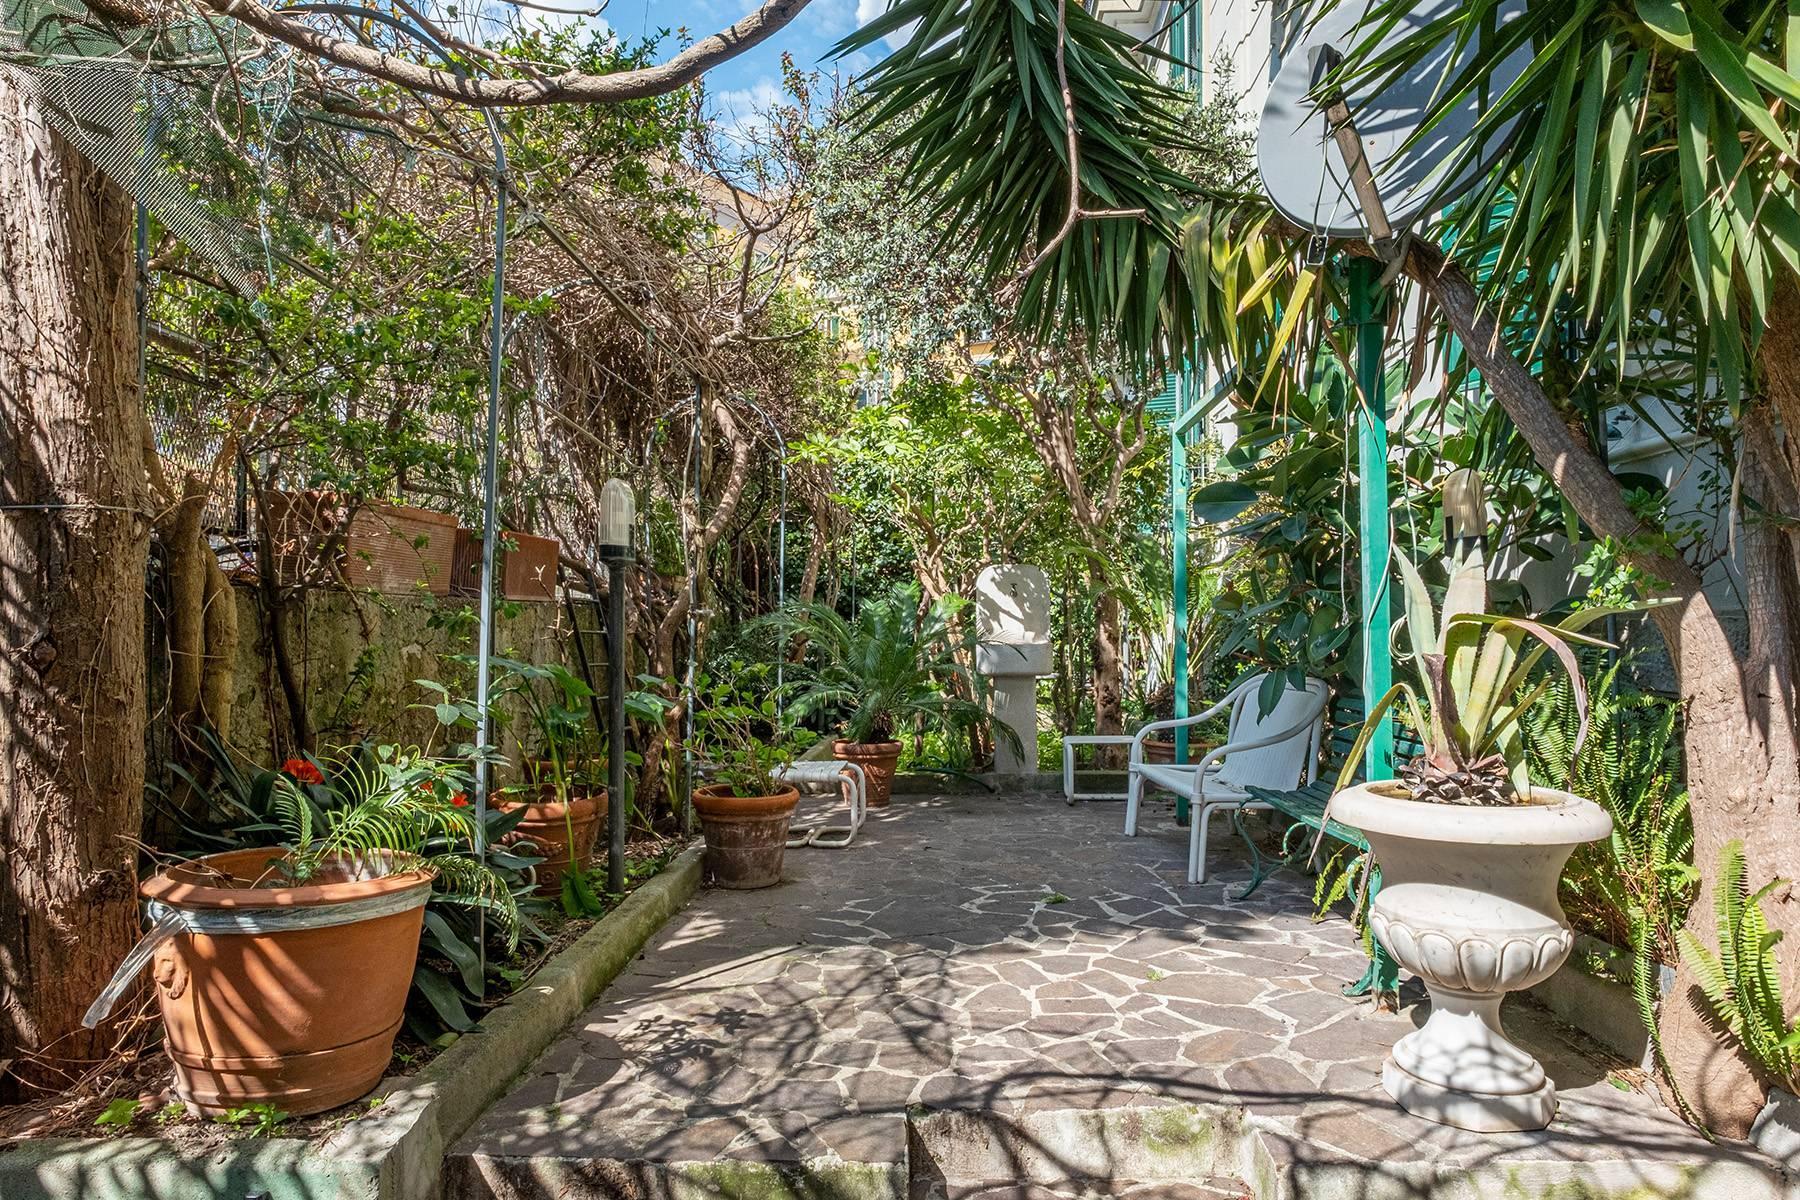 Eclettica dimora indipendente con terrazza e giardino - 18